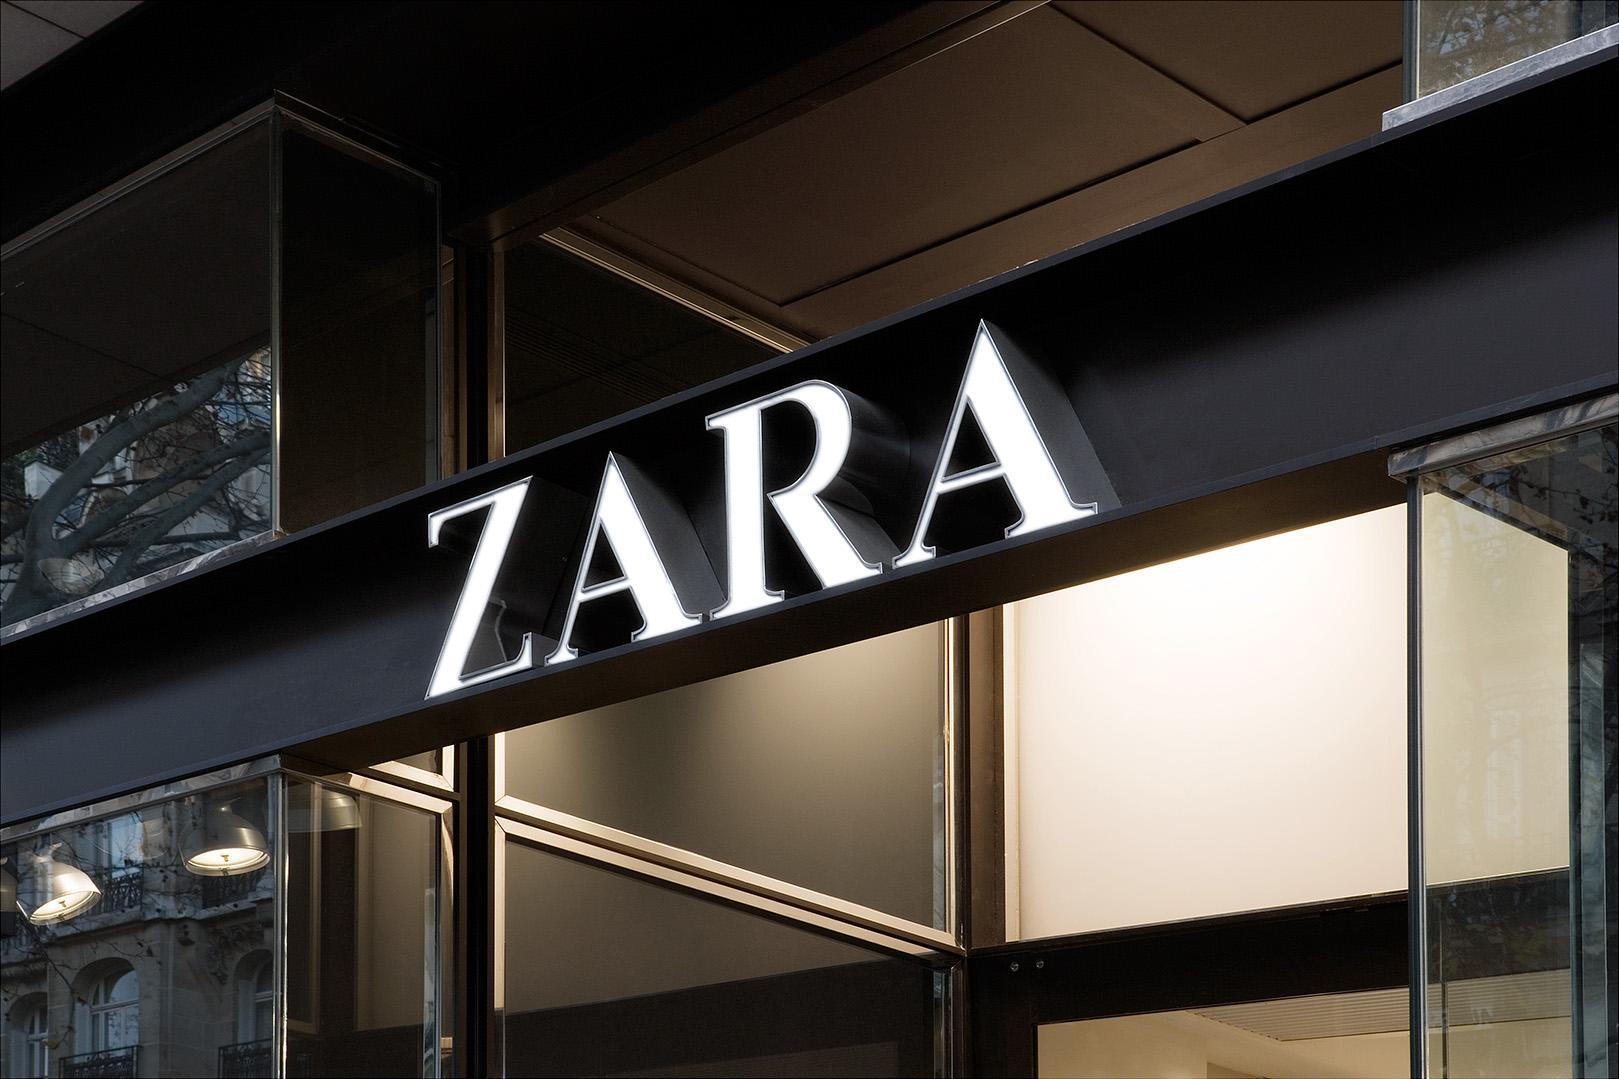 zara首次被判抄袭 快时尚侵权现弊端